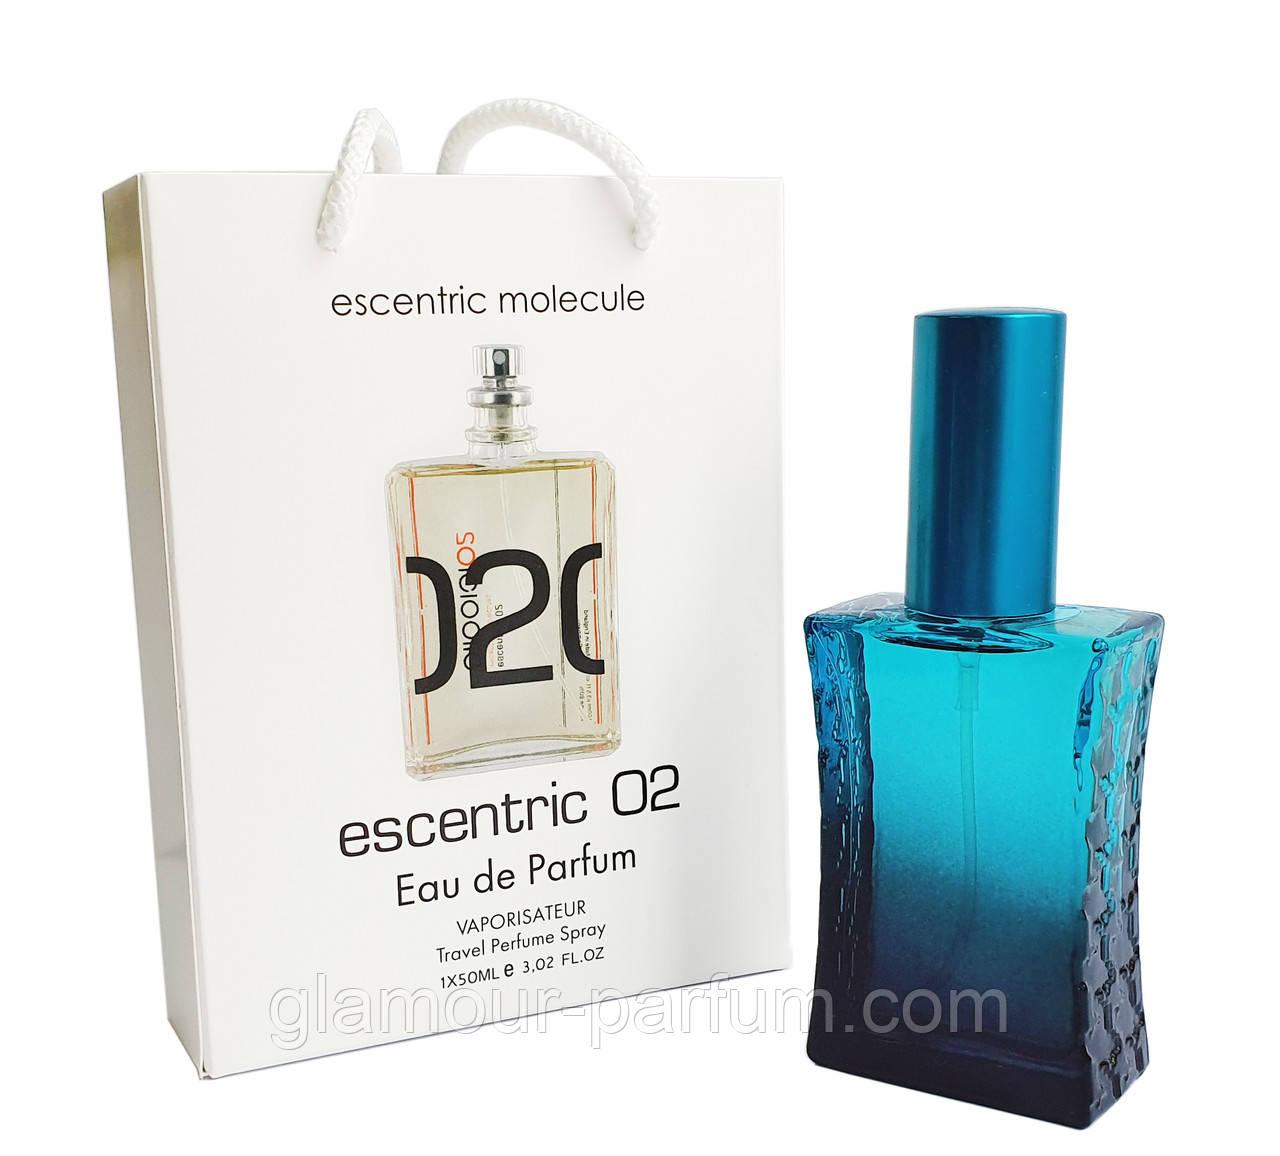 Escentric Molecules Escentric 02 (Эсцентрик Молекула Эсцентрик 02) в подарочной упаковке, 50 мл.